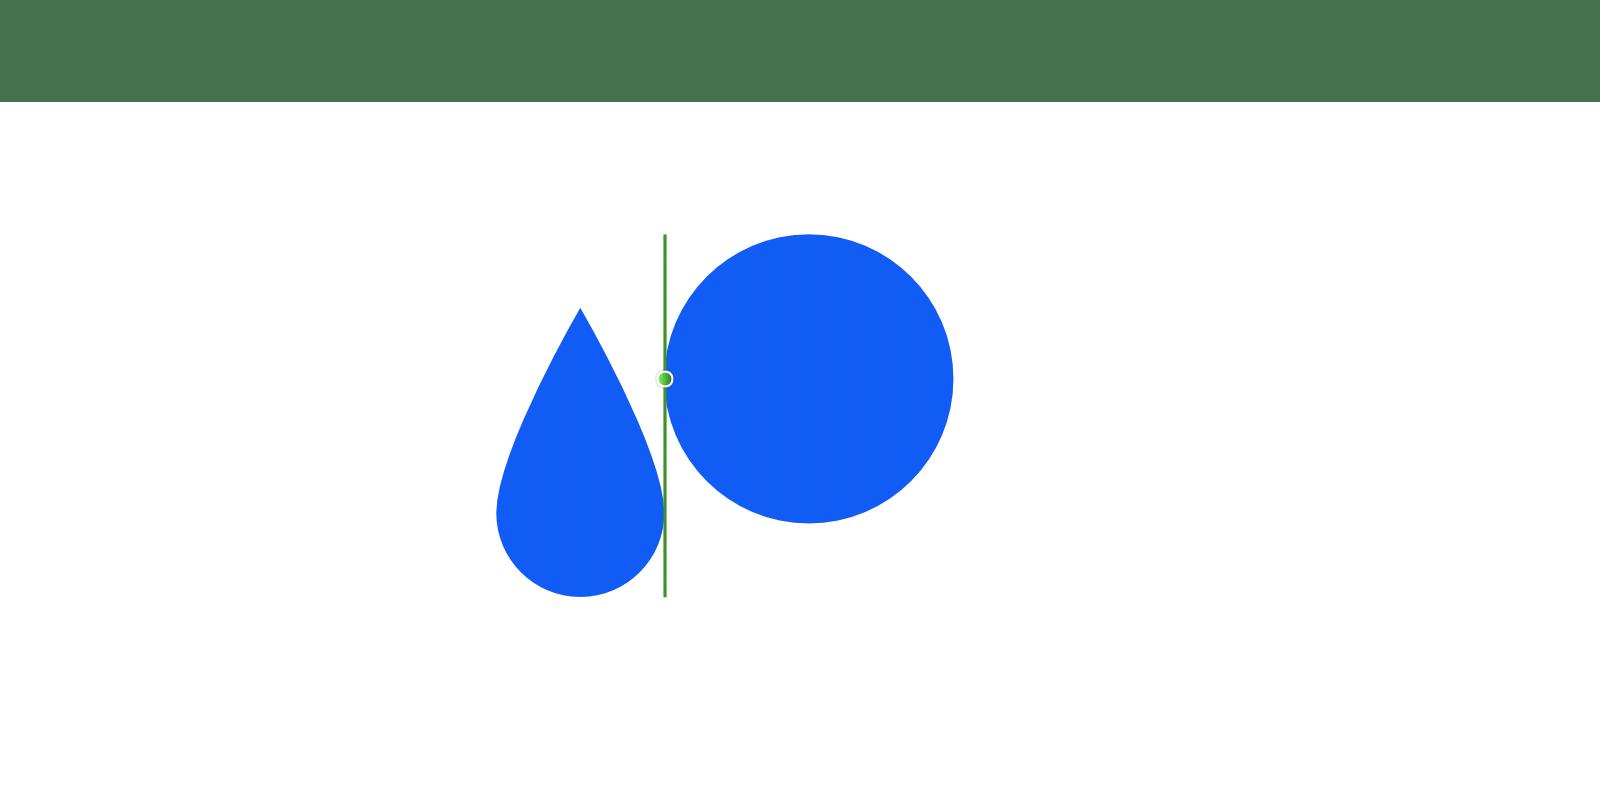 2つのオブジェクトがそれぞれ右端と左端でスナップして、間に緑の縦線とノードでスナップした状態が表されている